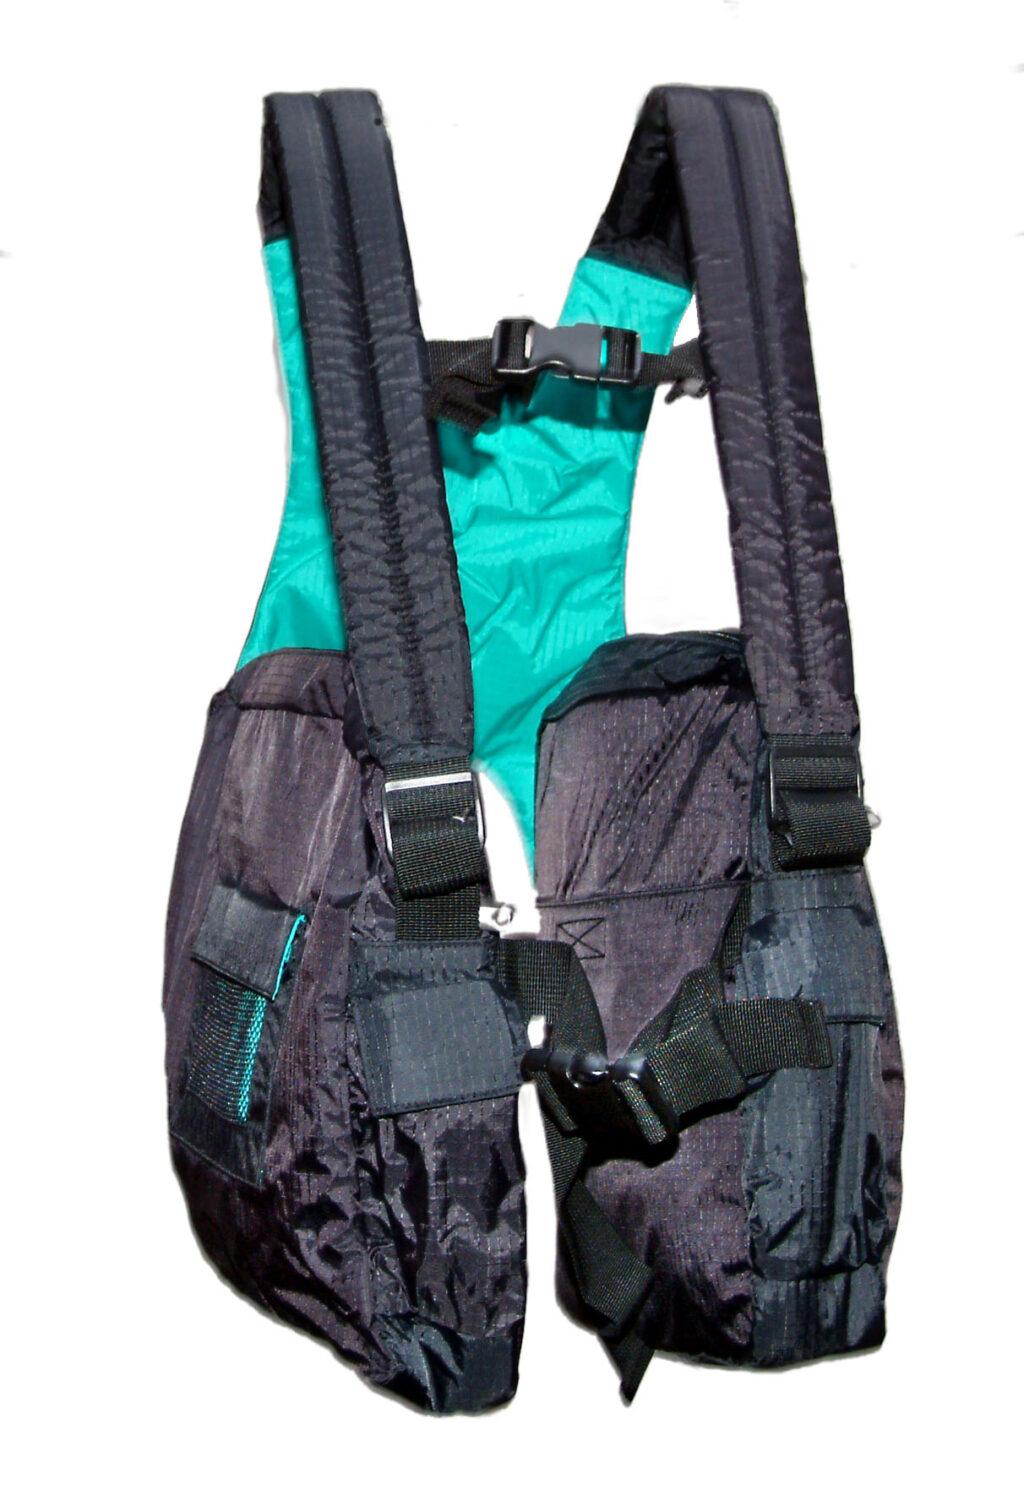 BackTpack 1 Black with Teal